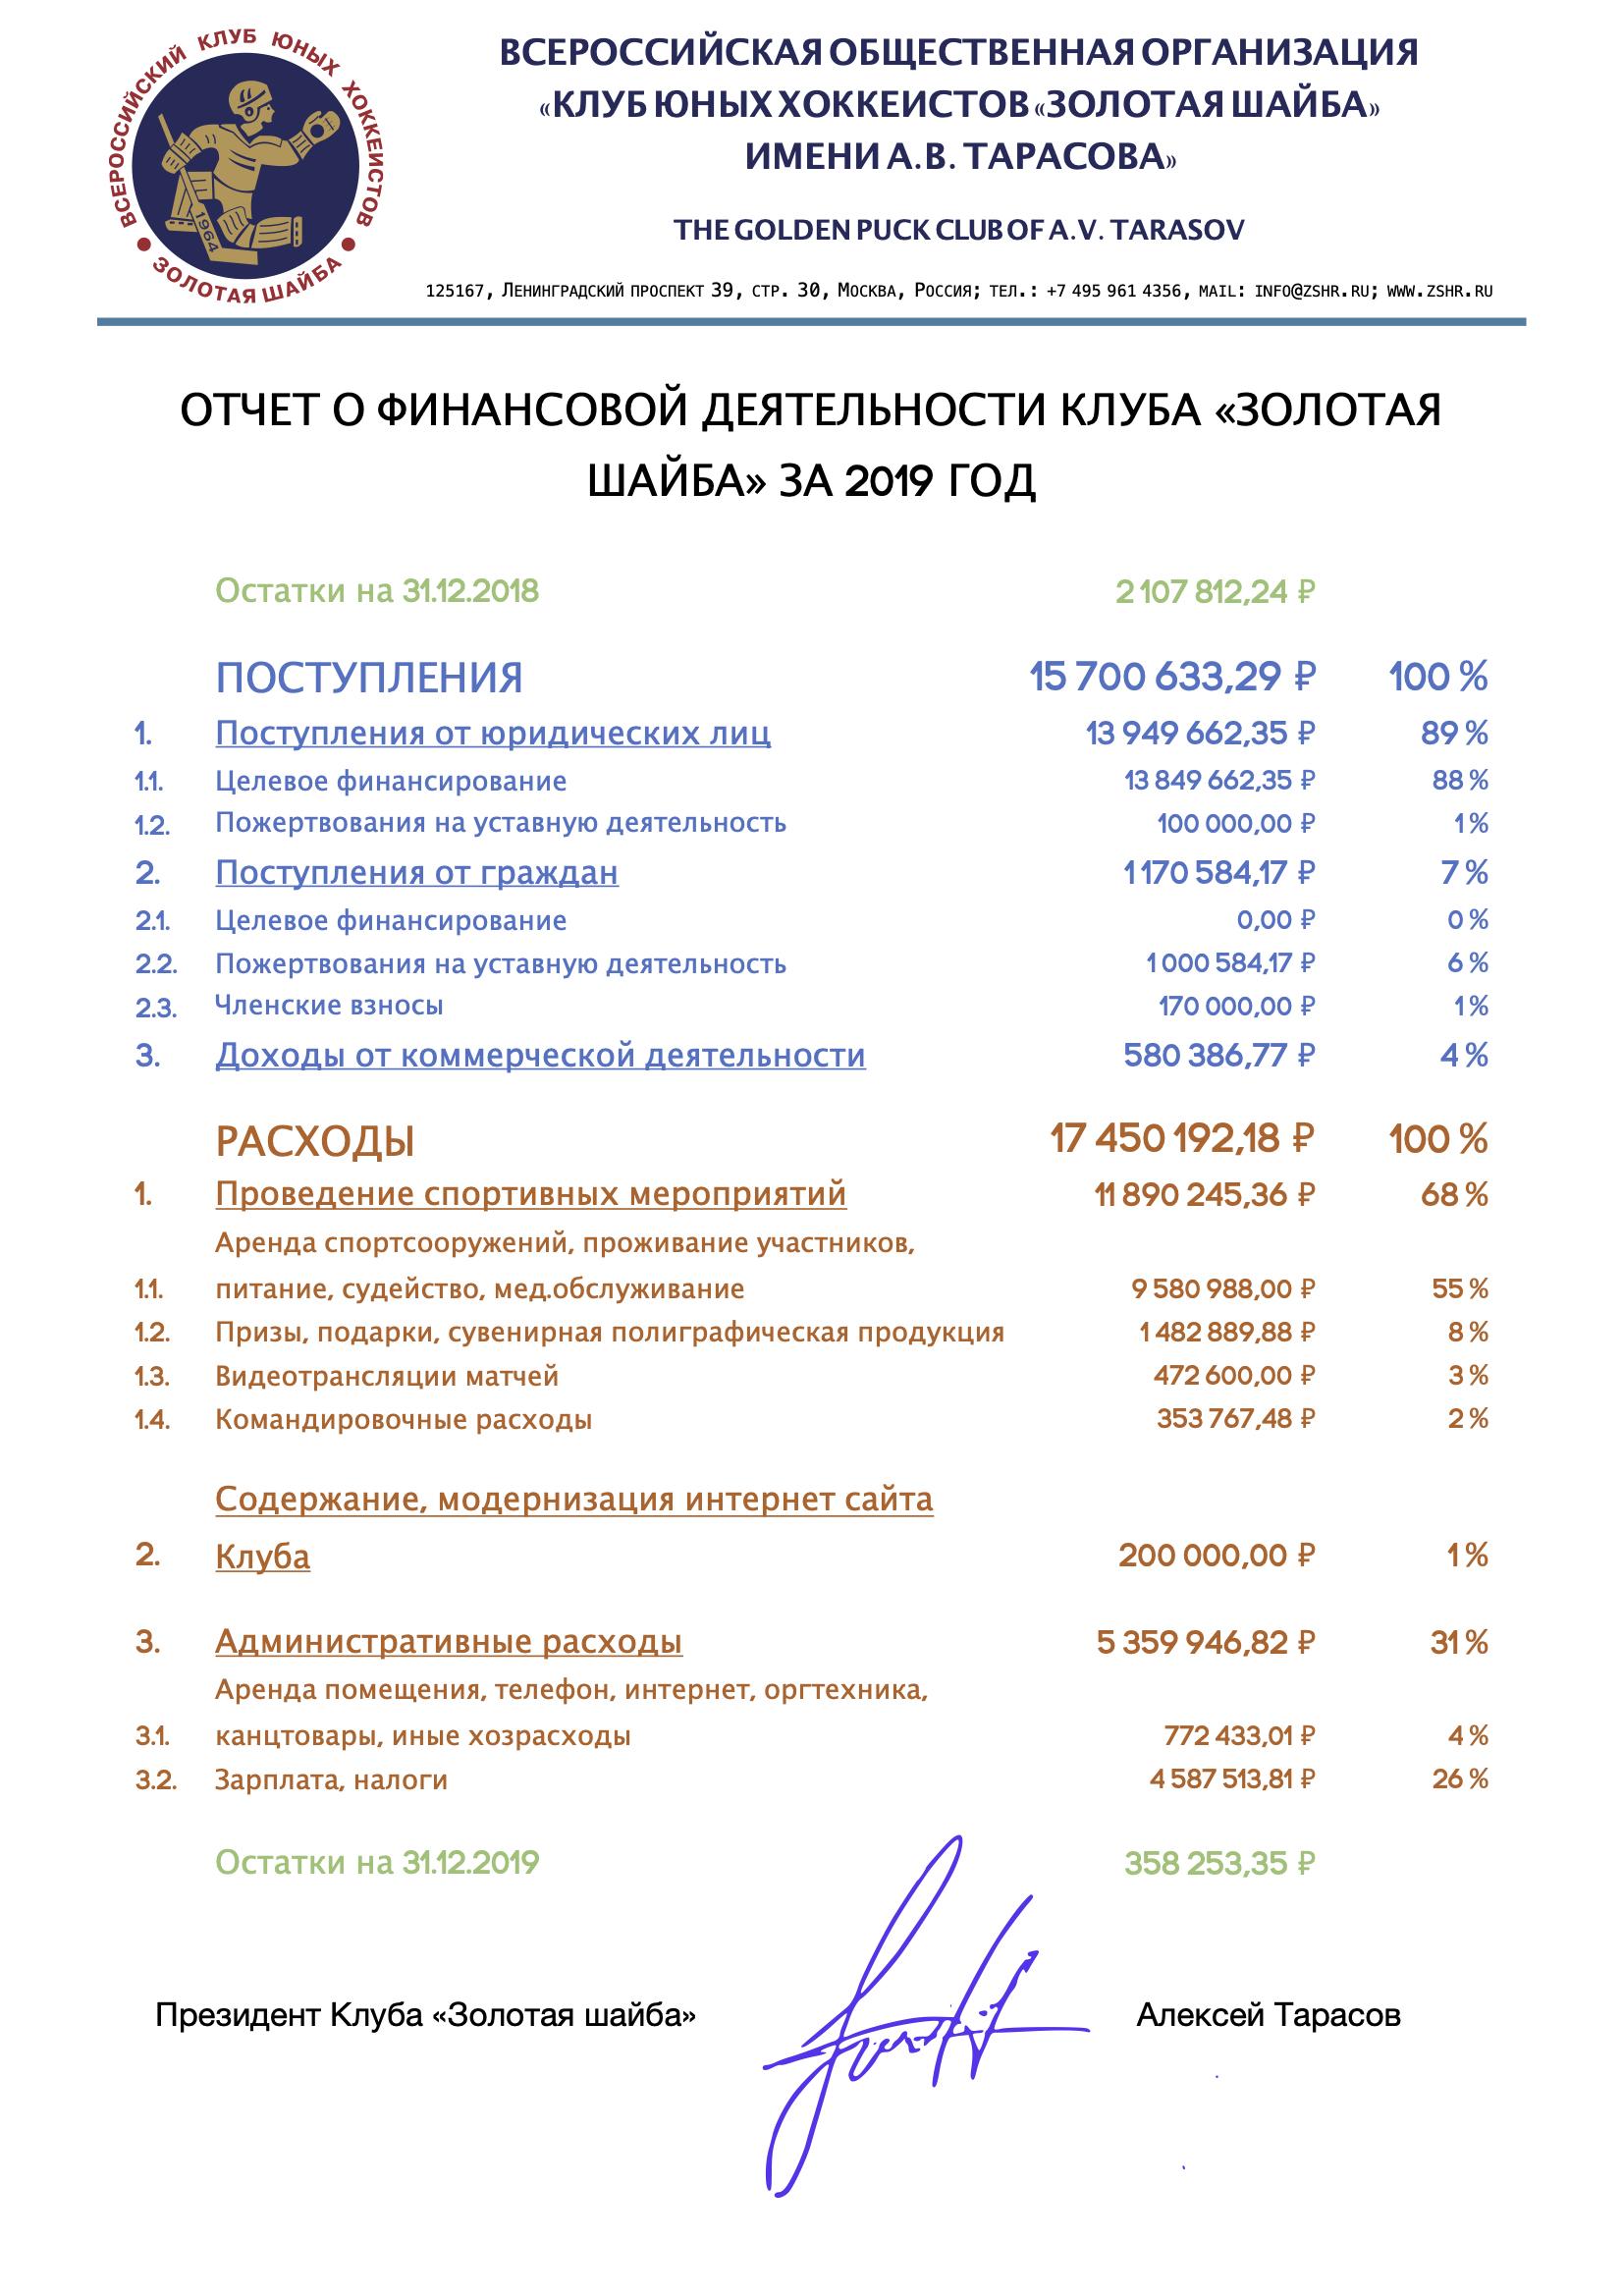 """Финансовый Отчёт Клуба """"Золотая шайба"""" за 2019 год"""